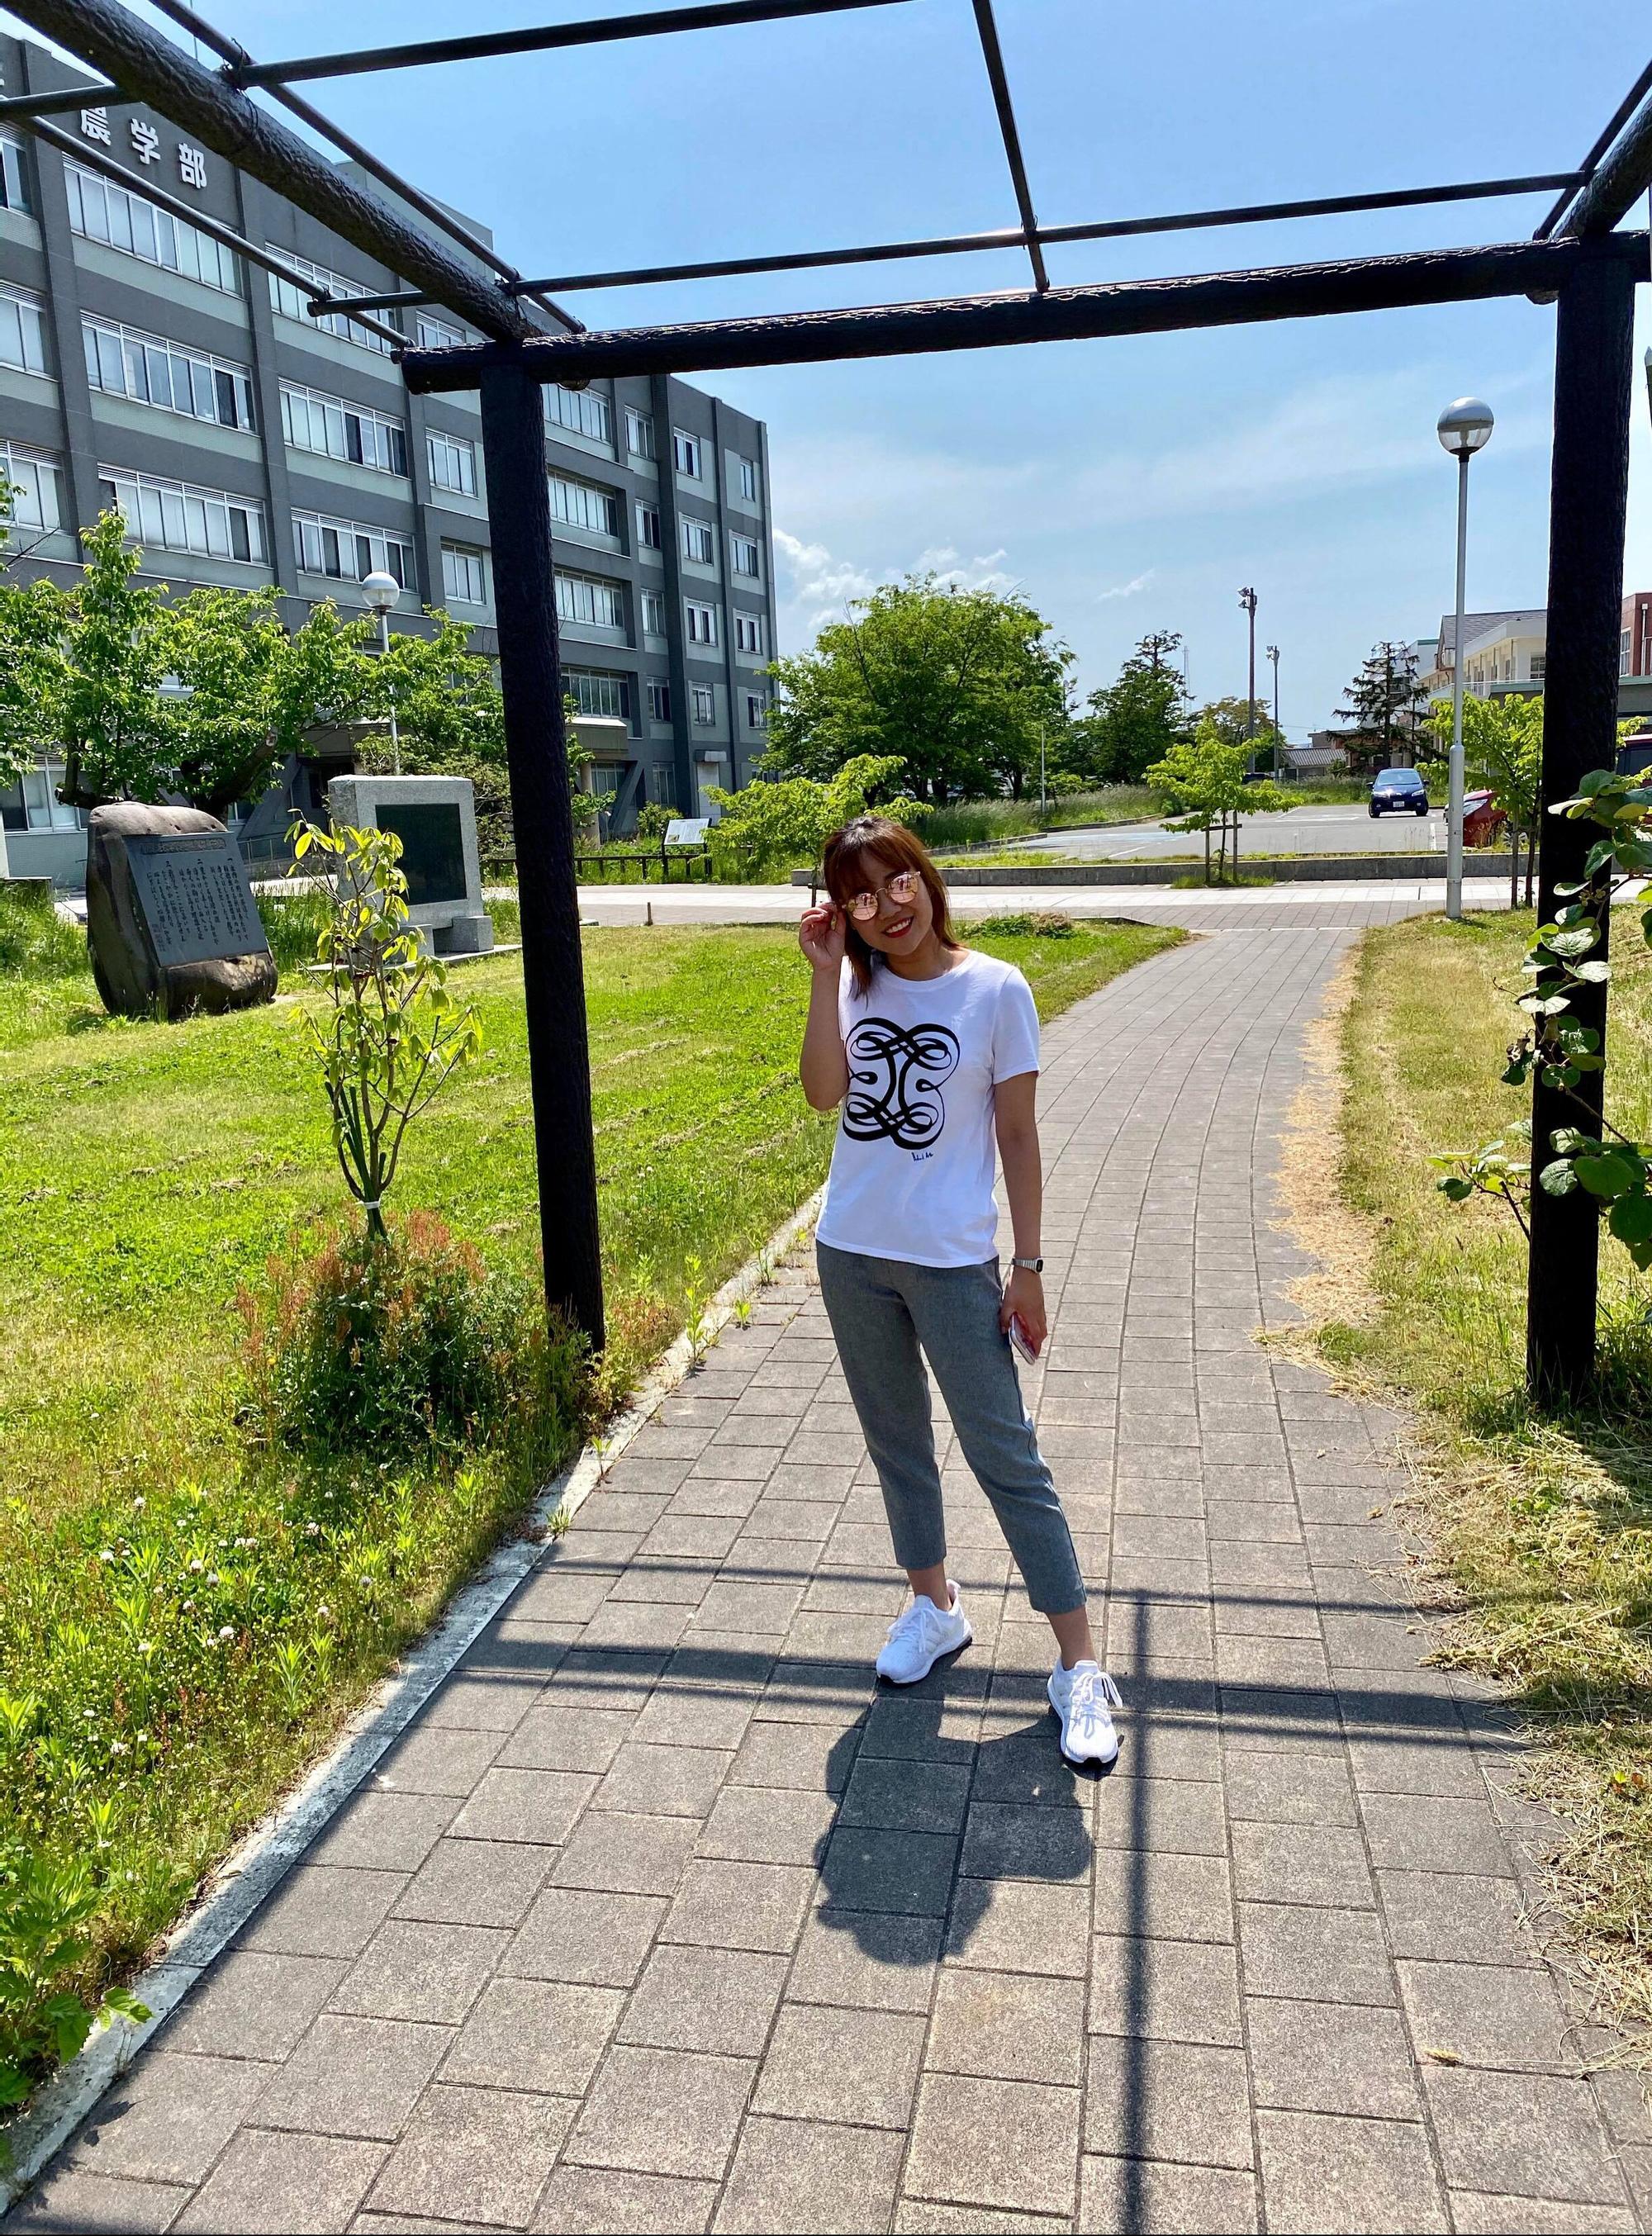 Hotgirl Học viện Nông nghiệp Việt Nam và hành trình du học Nhật Bản - Ảnh 7.